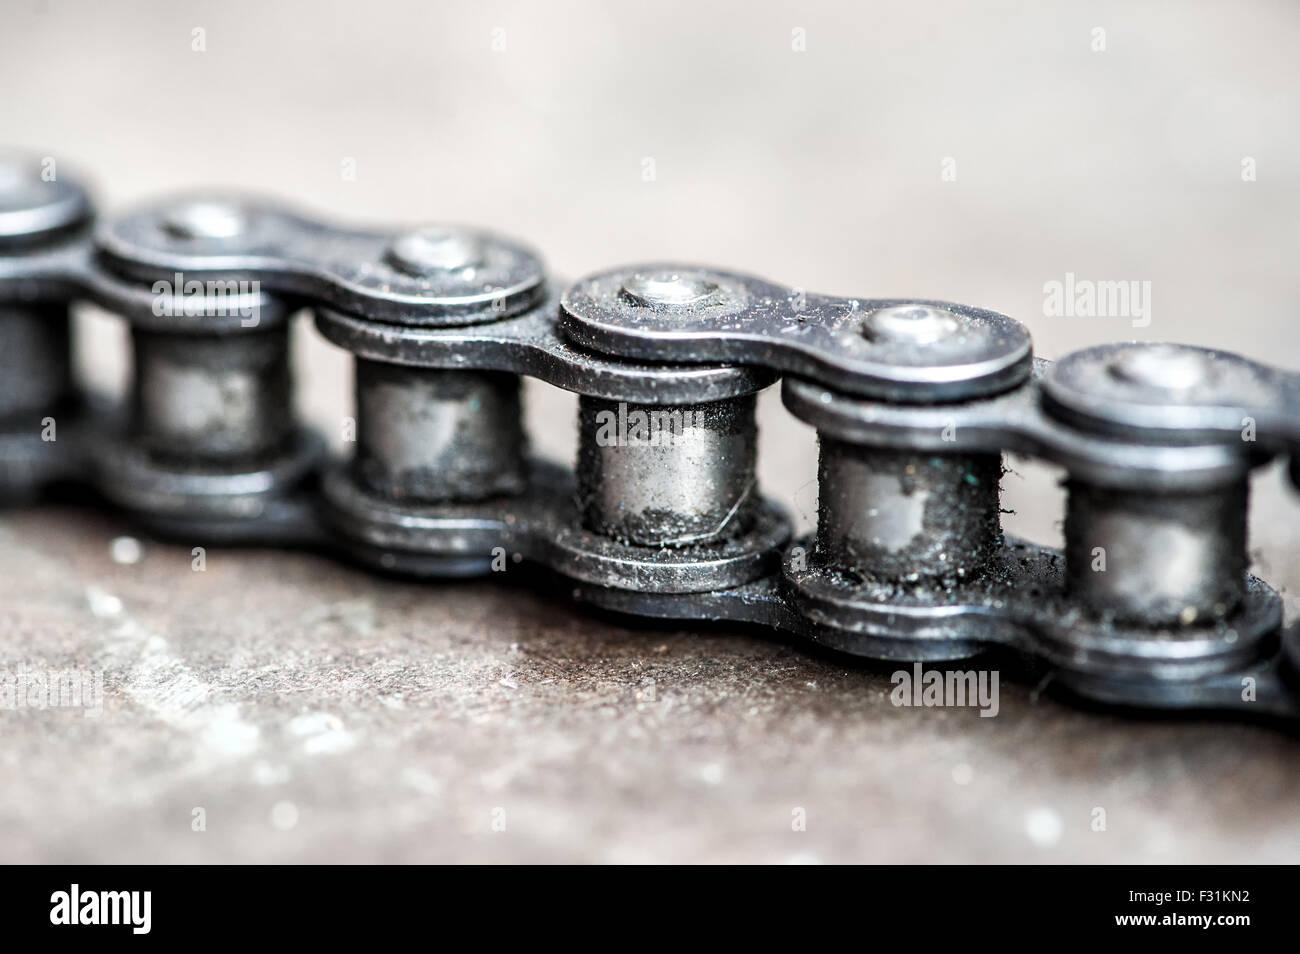 Détail de la chaîne sale minable les liens d'une chaîne industrielle Photo Stock